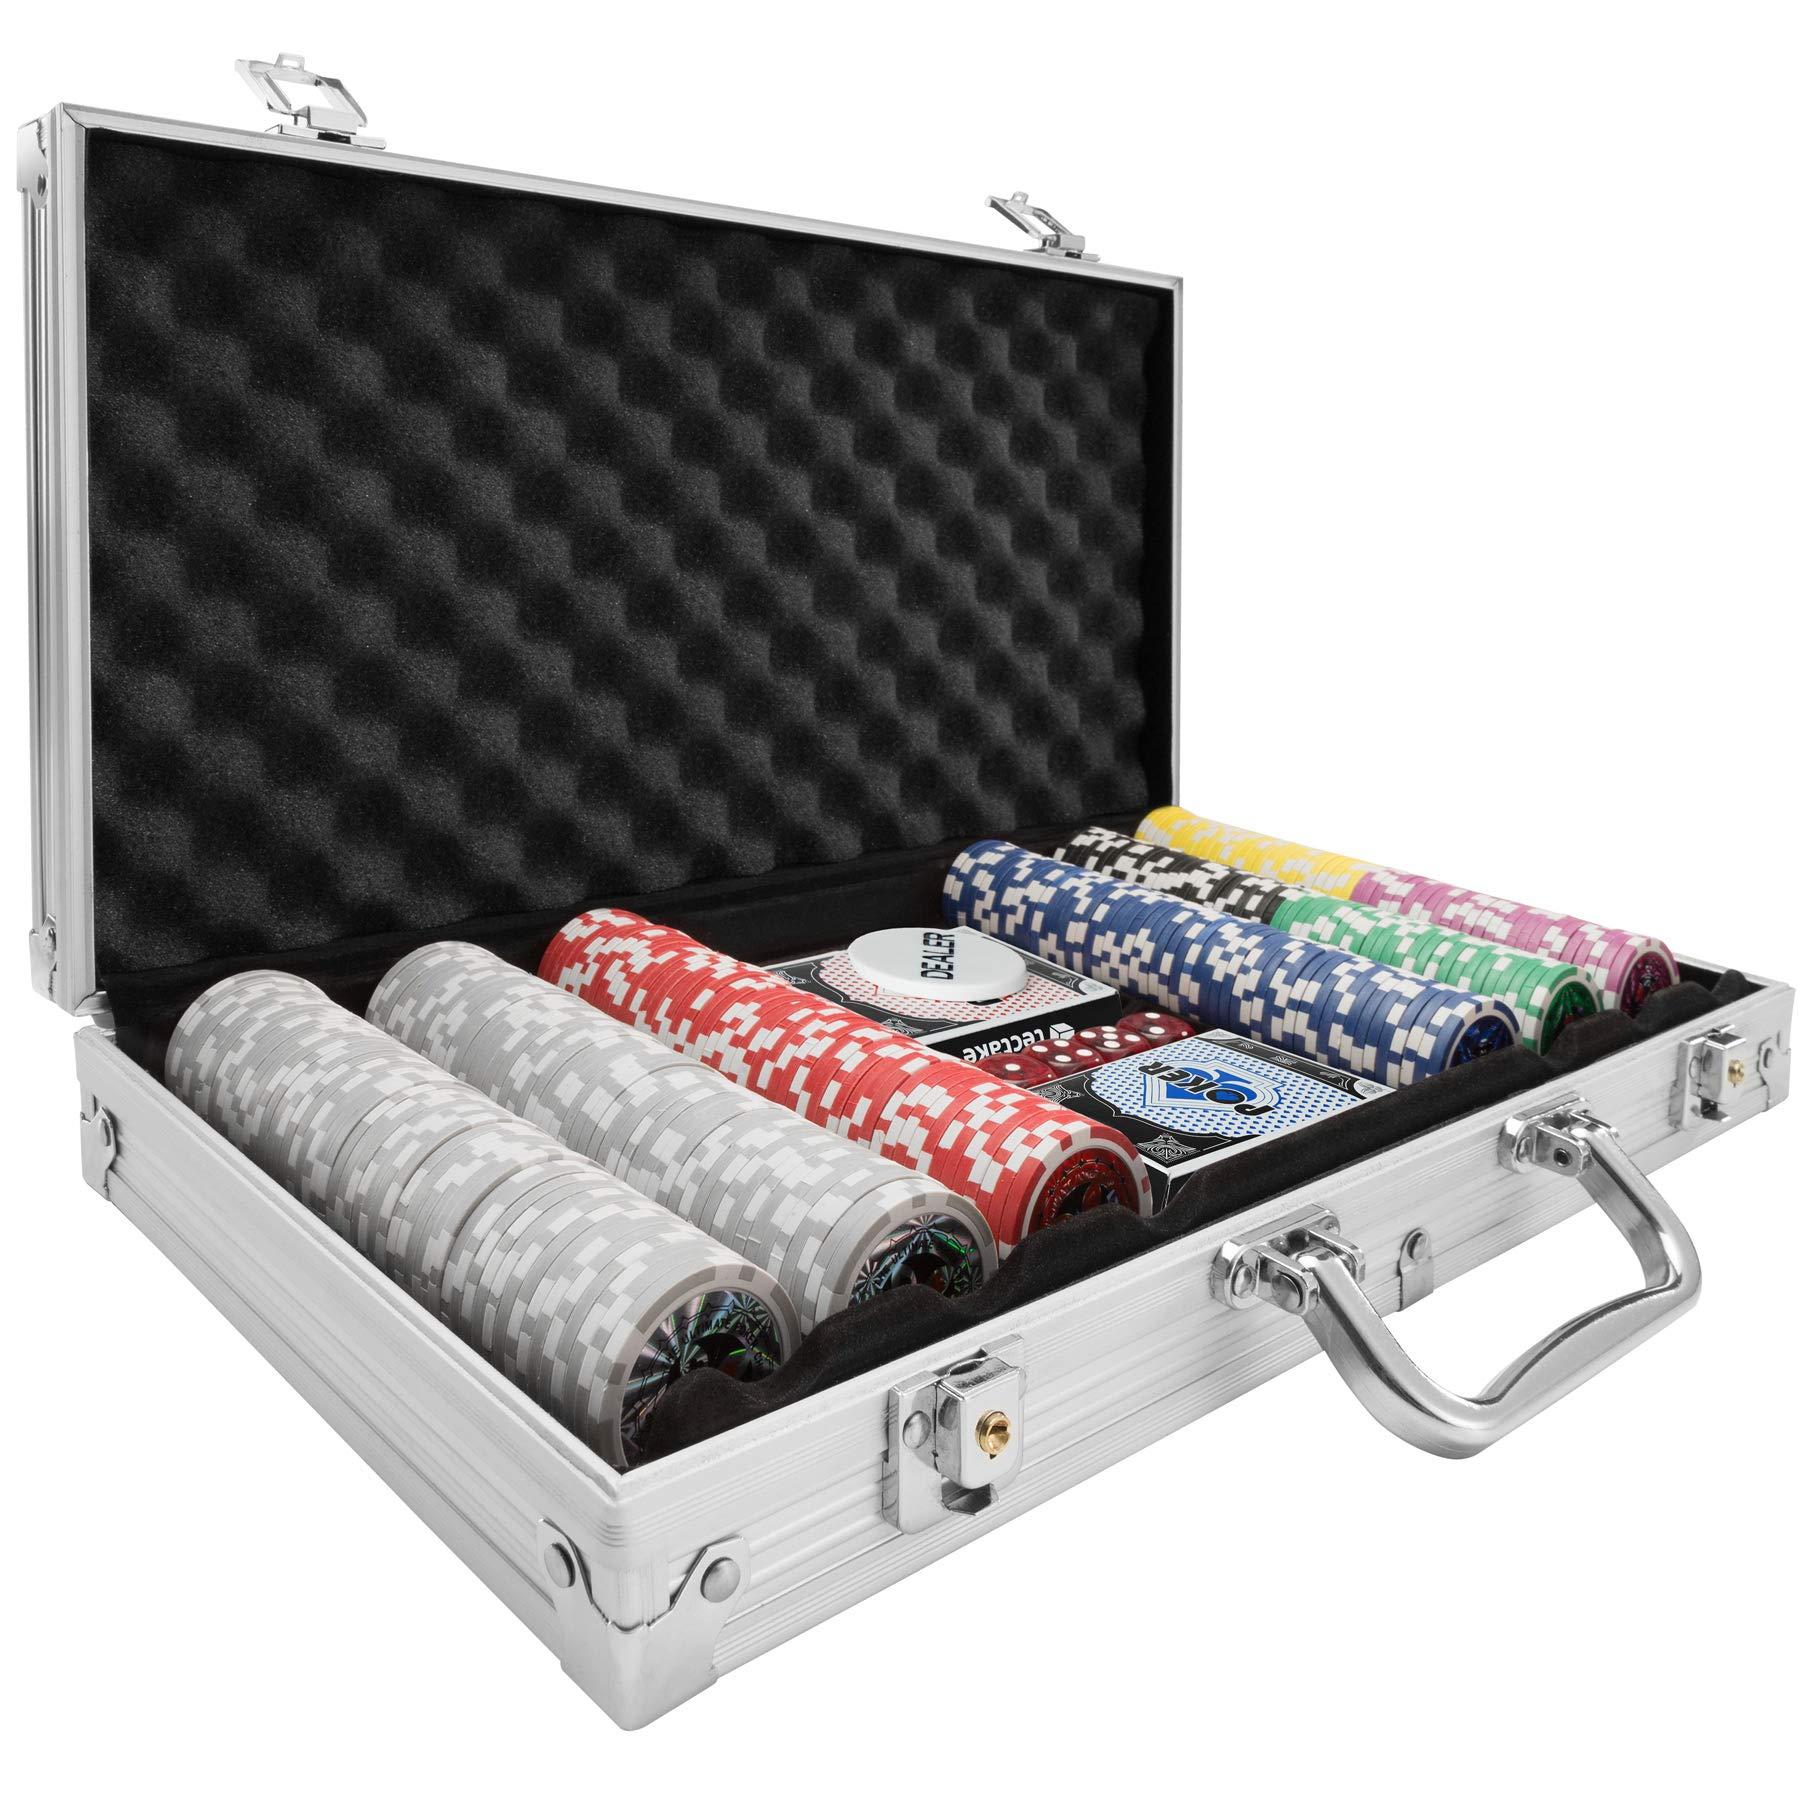 TecTake Maletín de Póker Aluminio con fichas láser Poker Chips | Plateado | Incl. 5 Dados + 2 Barajas de Cartas + 1 ficha de Dealer (300 Pieza | Plateado | no. 402557): Amazon.es: Juguetes y juegos